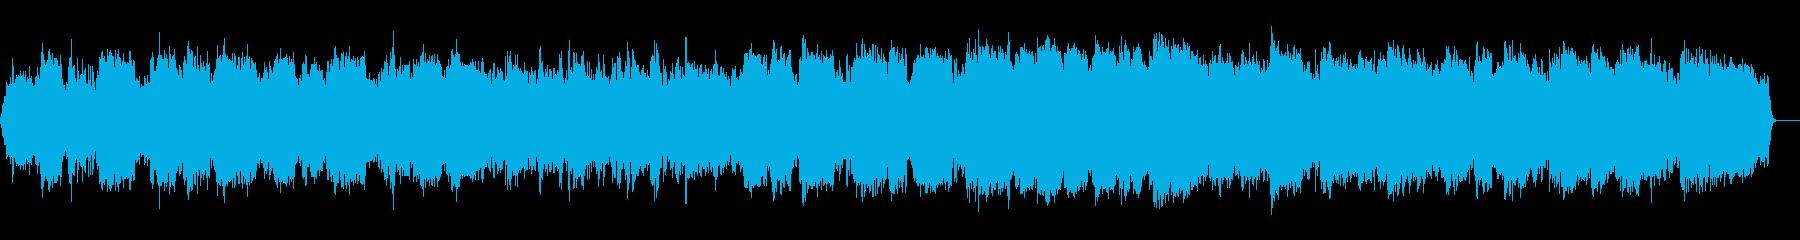 春のそよ風のイメージのヒーリング音楽の再生済みの波形